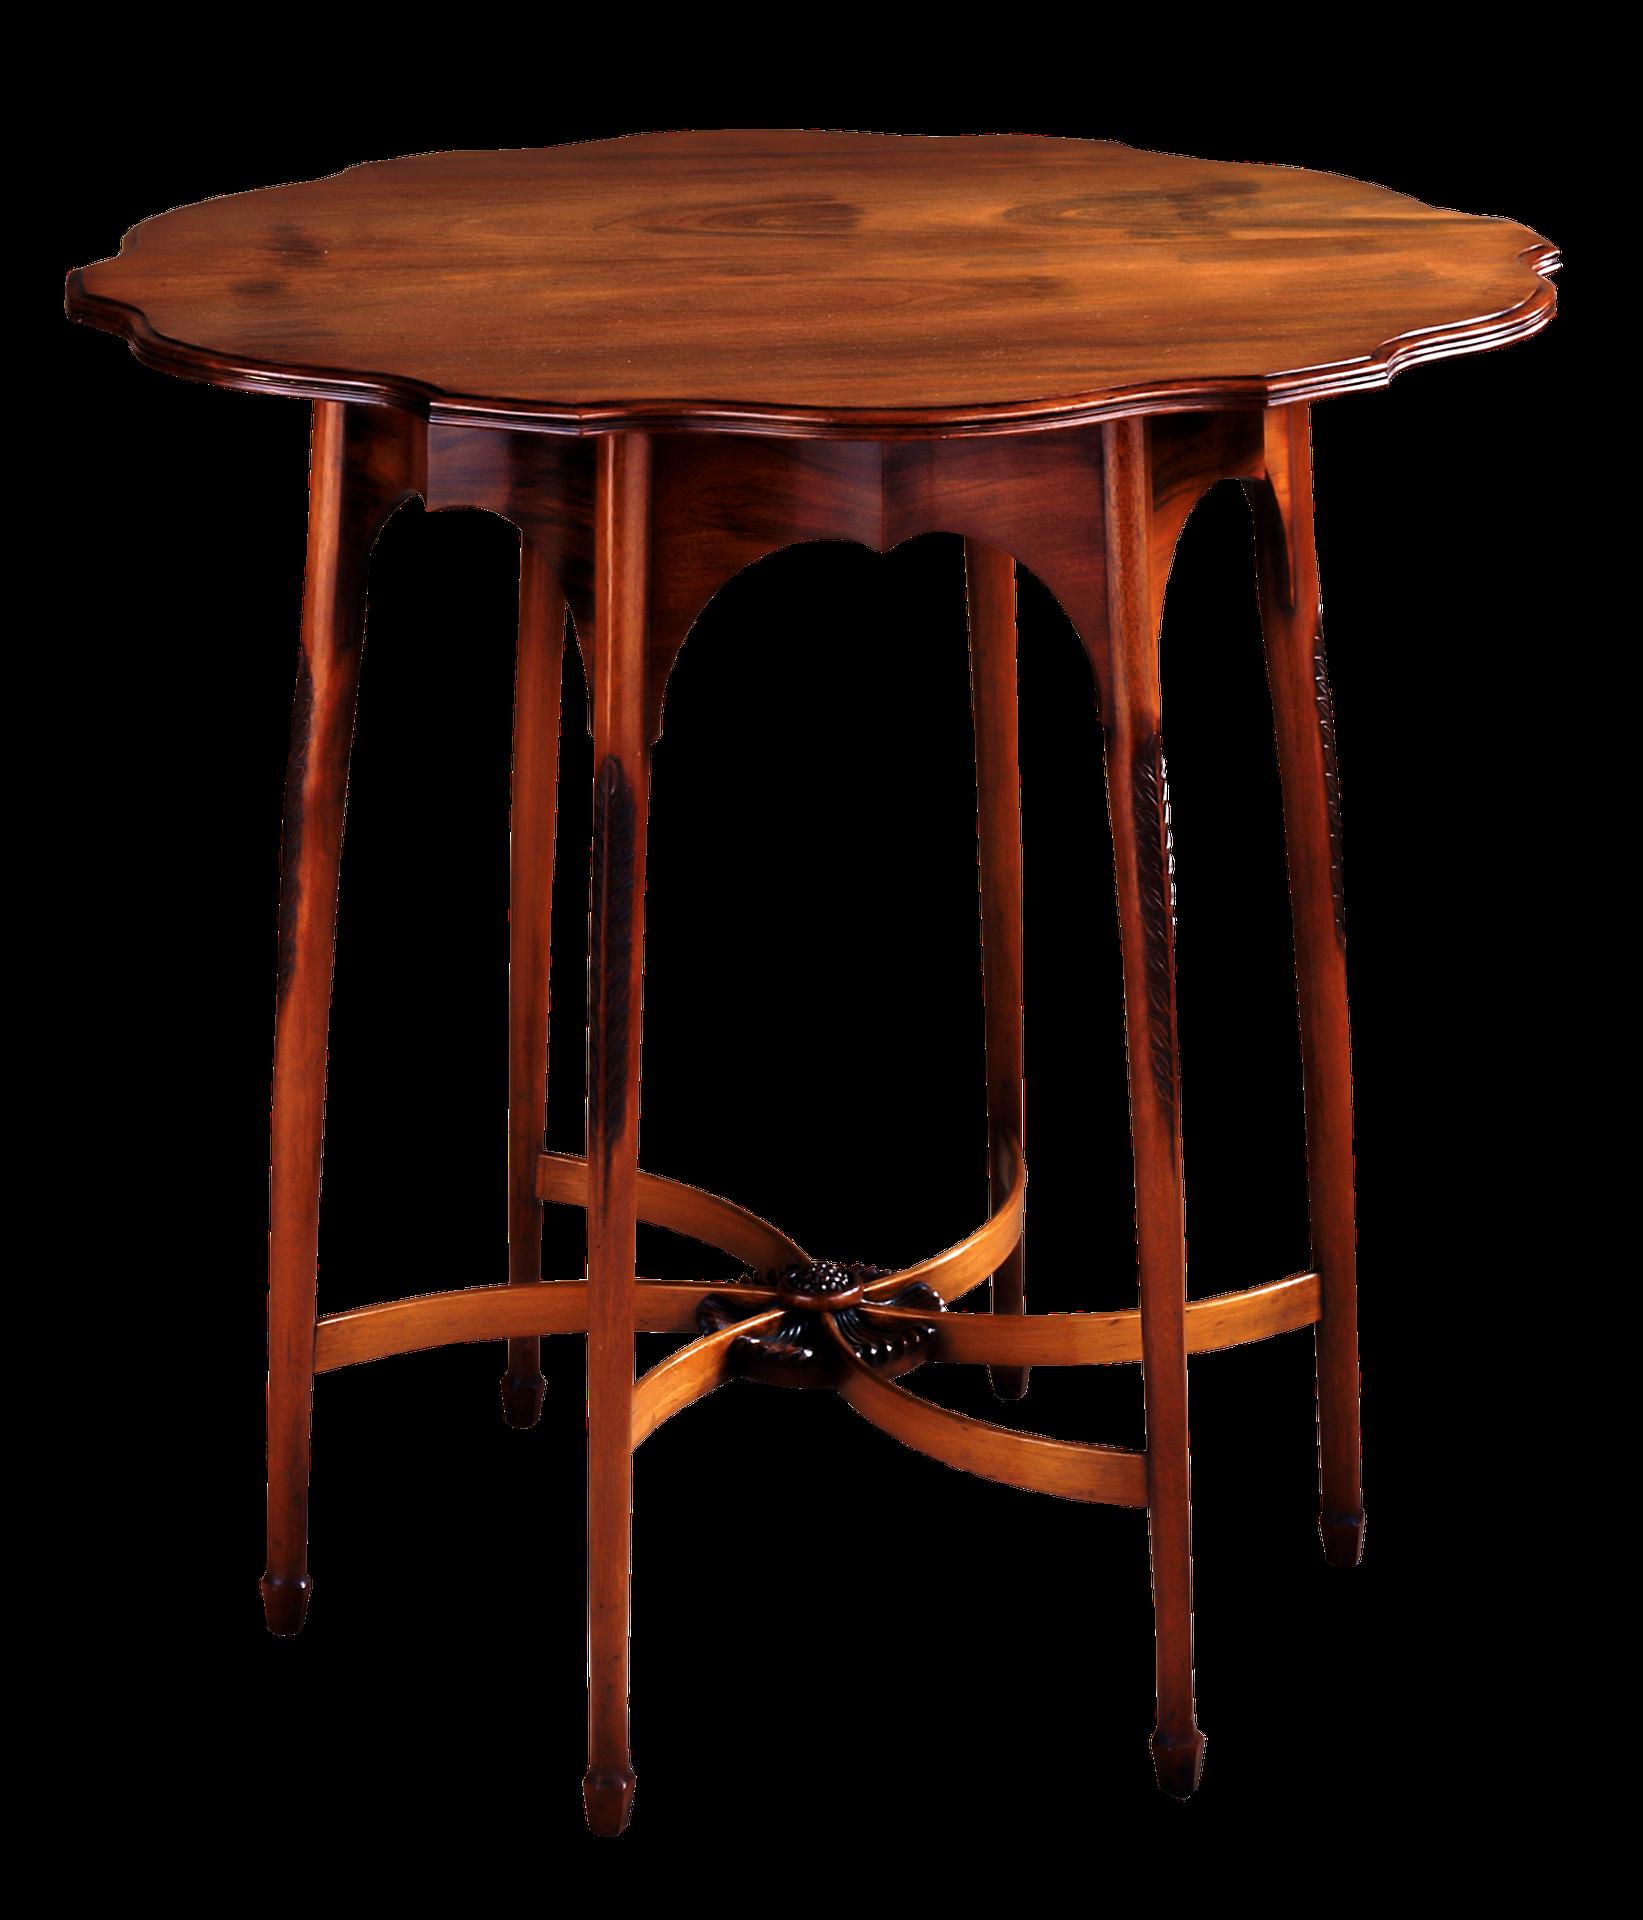 Barvy Adler - dřevěný nábytek v interiéru